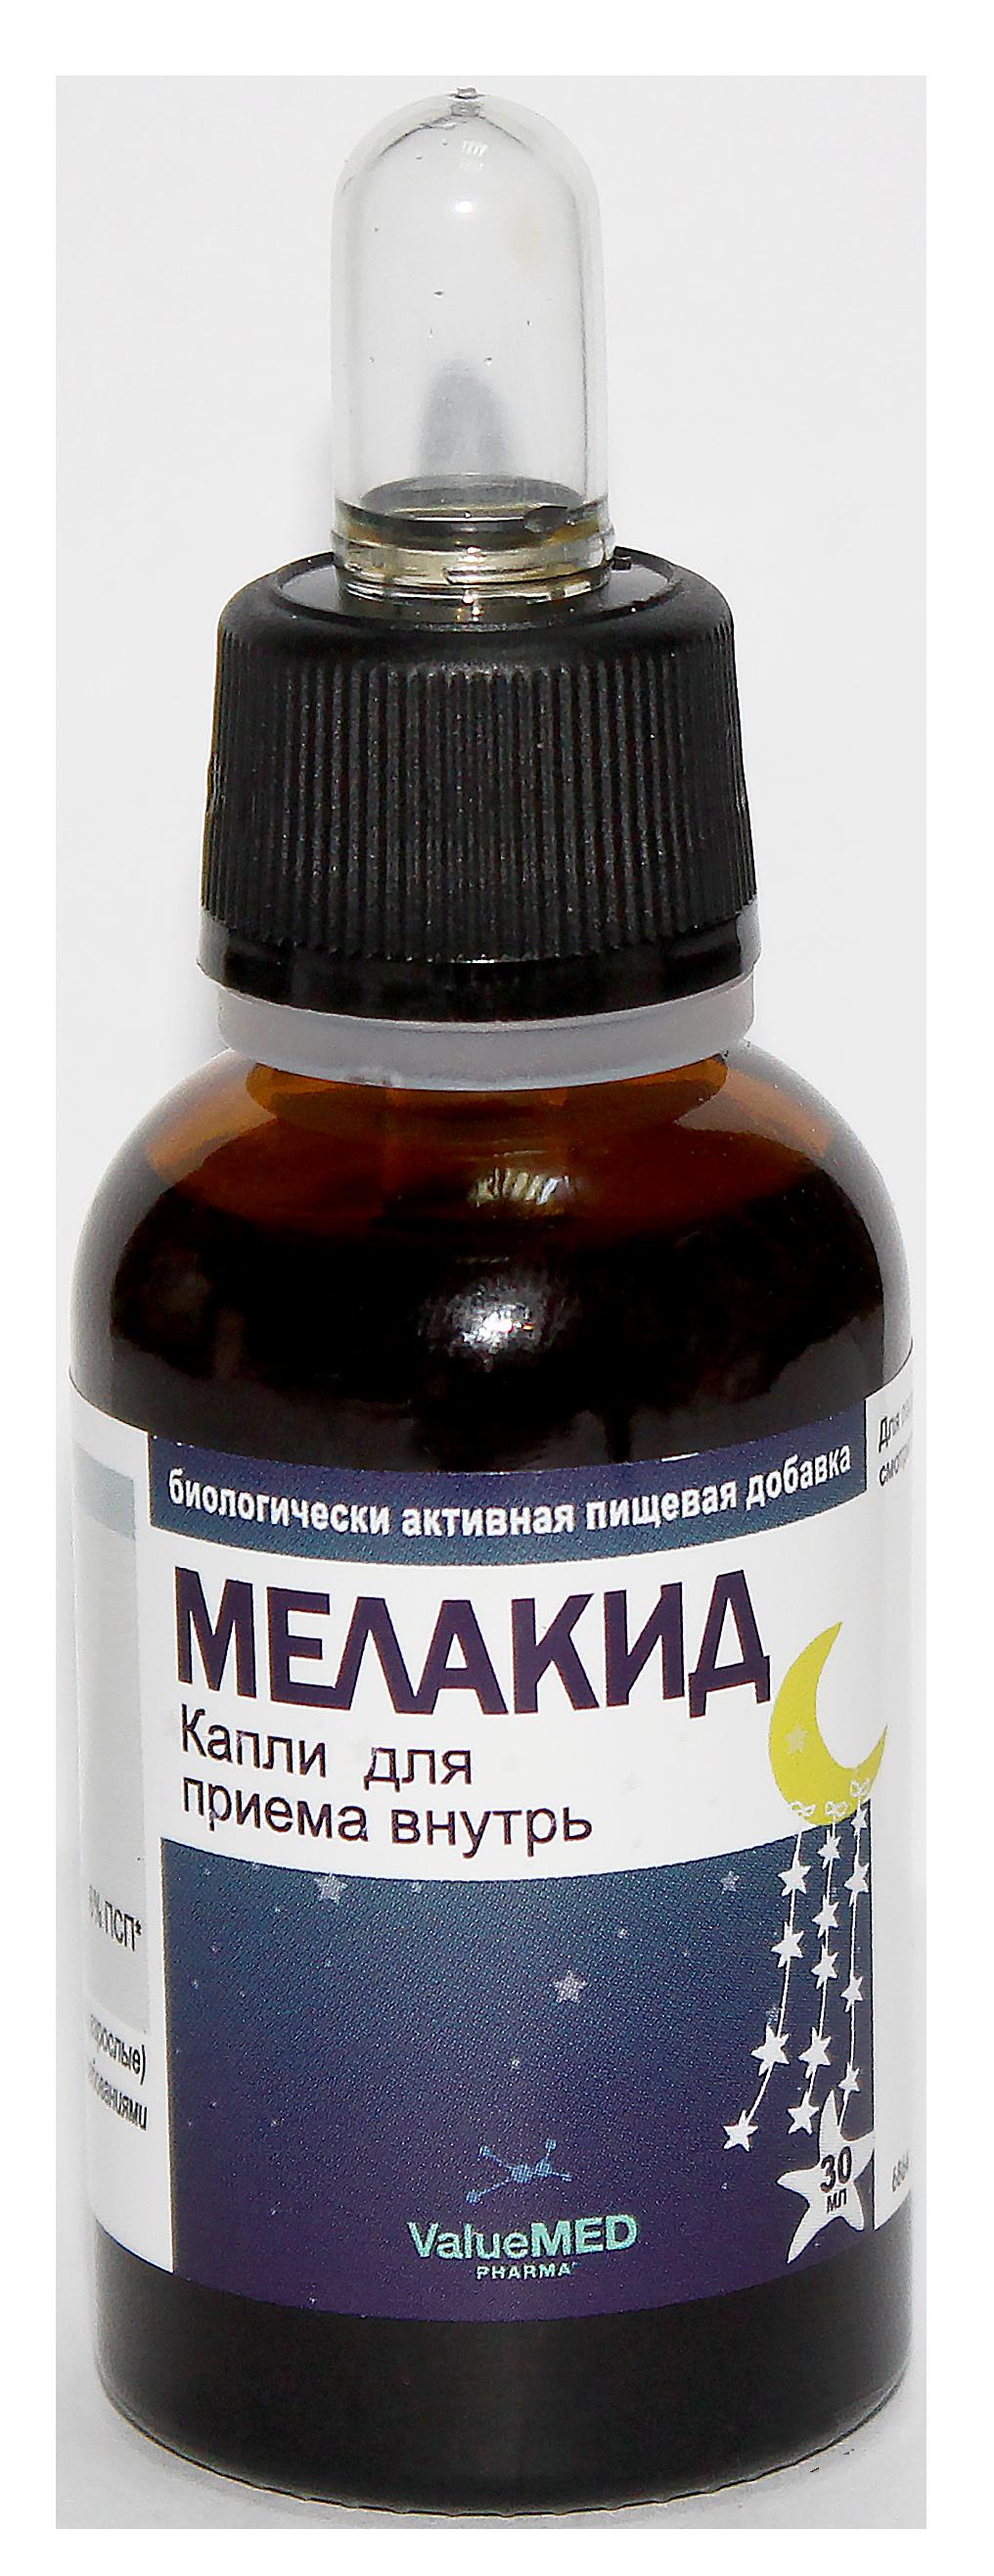 მელაქიდი / Melakid